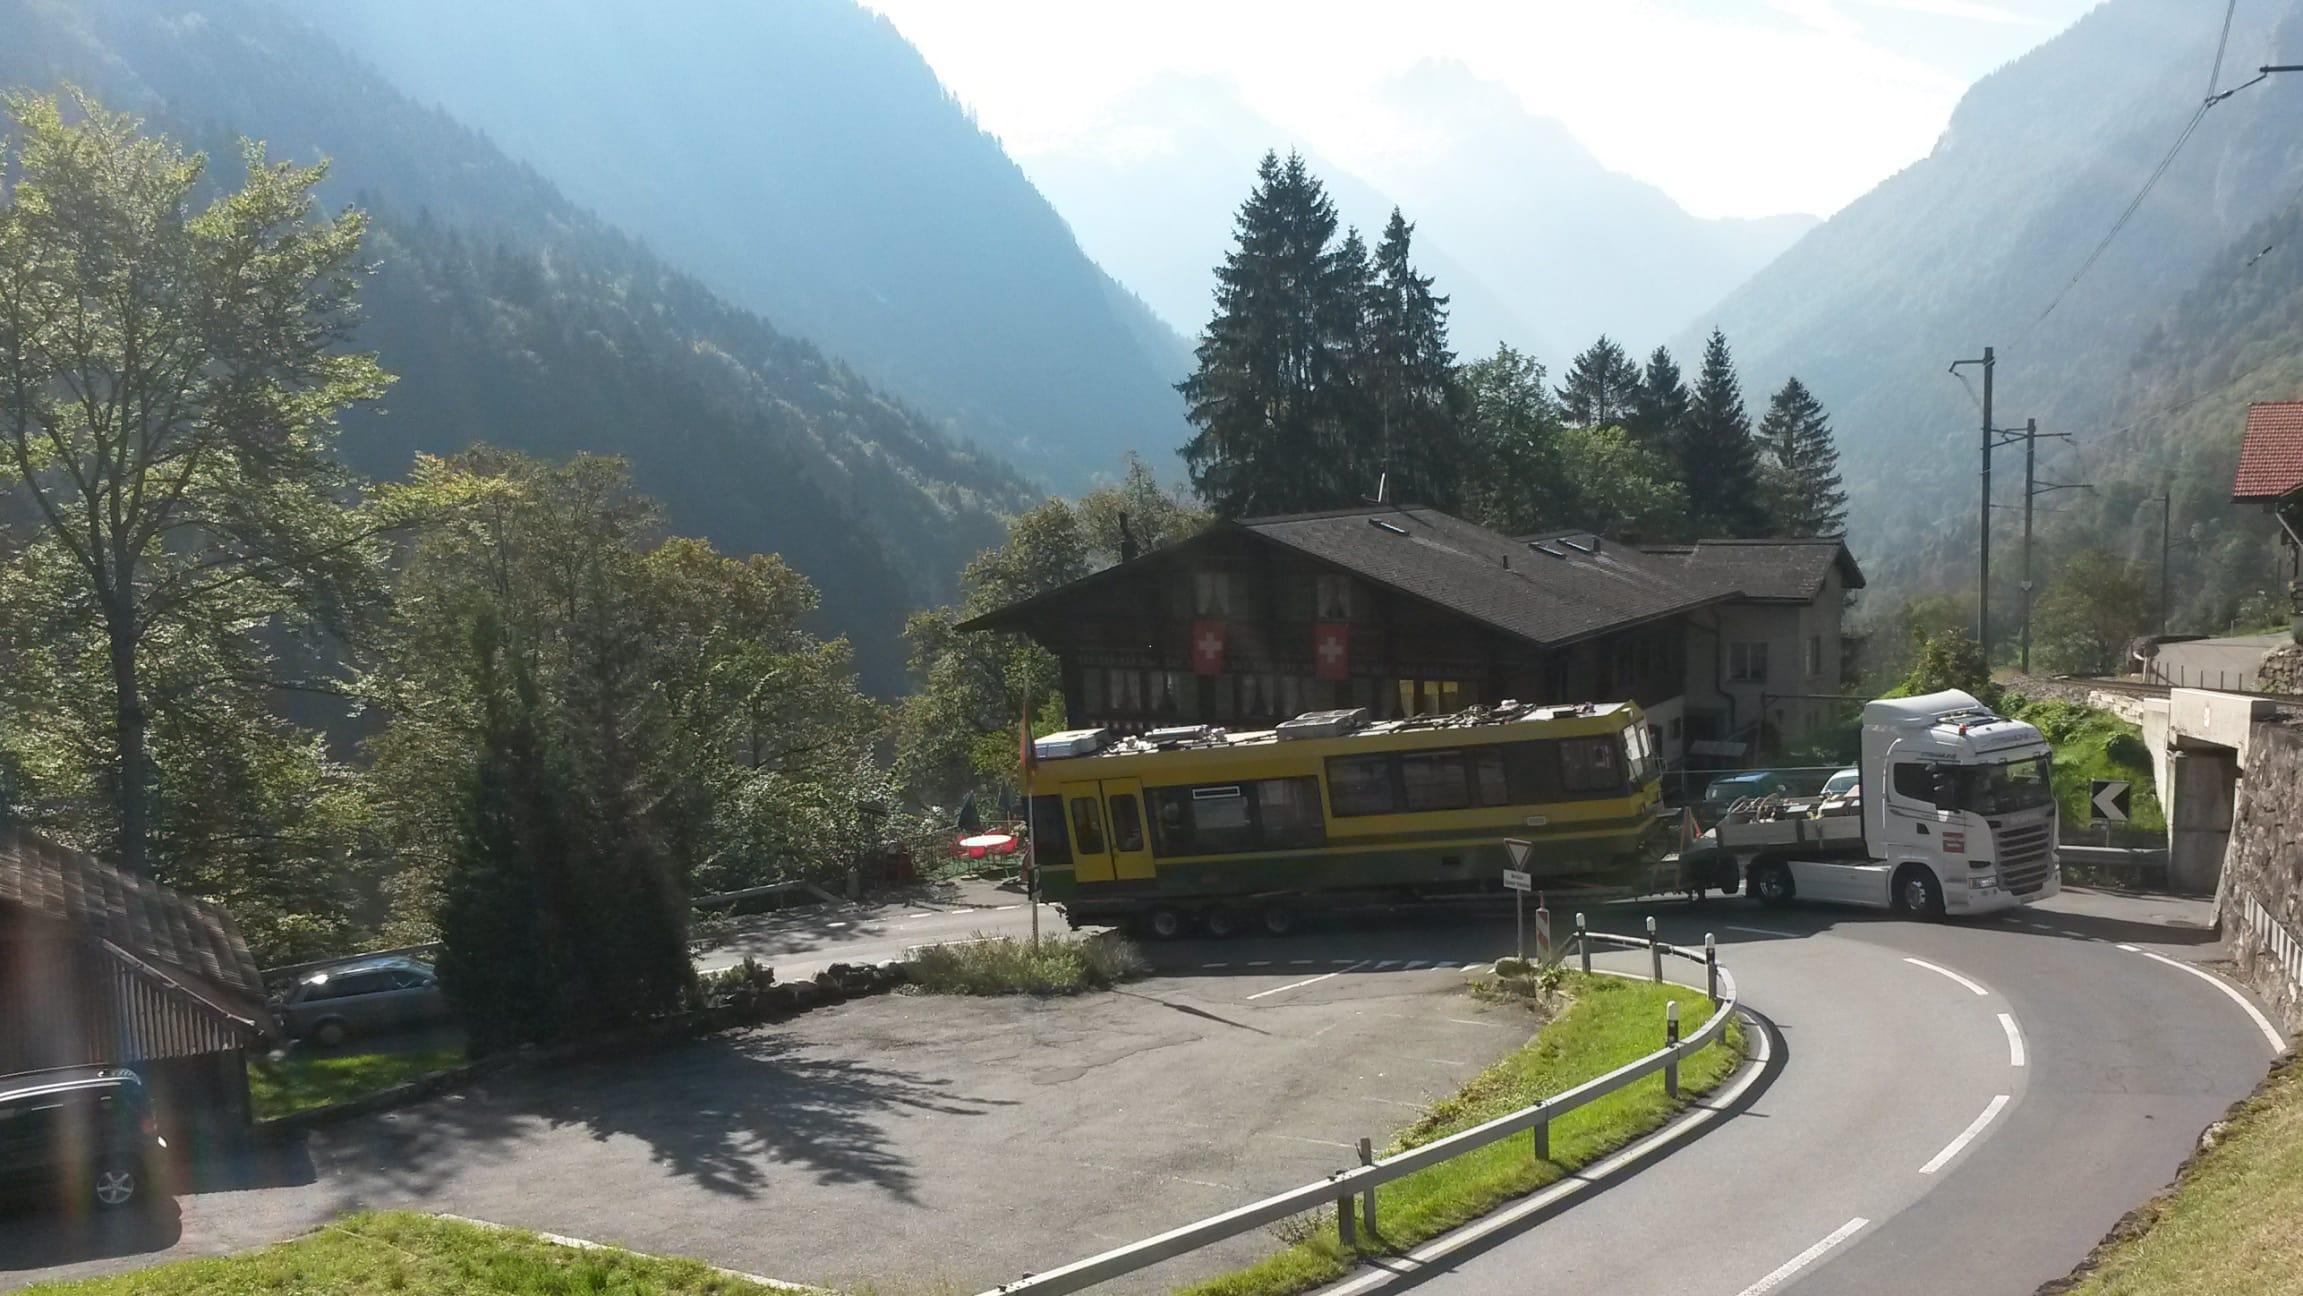 04 vbahn wab transport